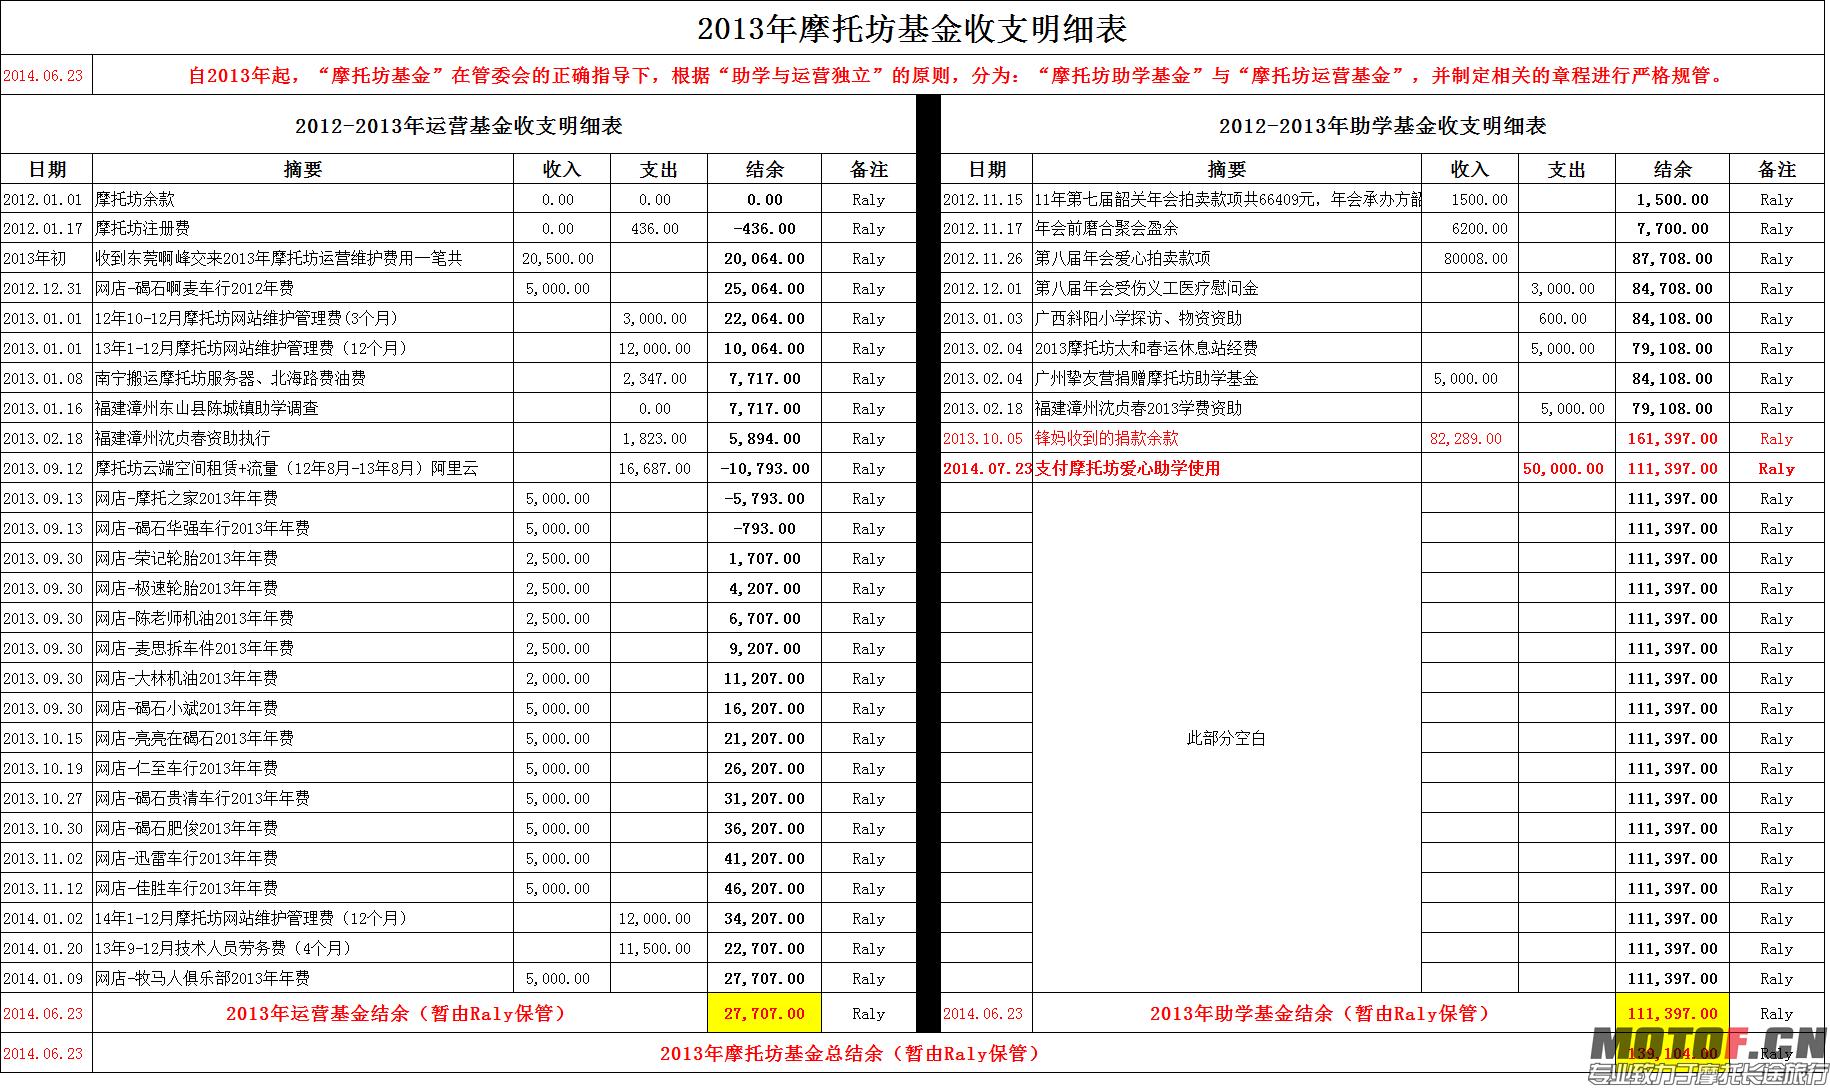 图3摩托坊基金财务公告表三:2013摩托坊基金财务表(Raly).png